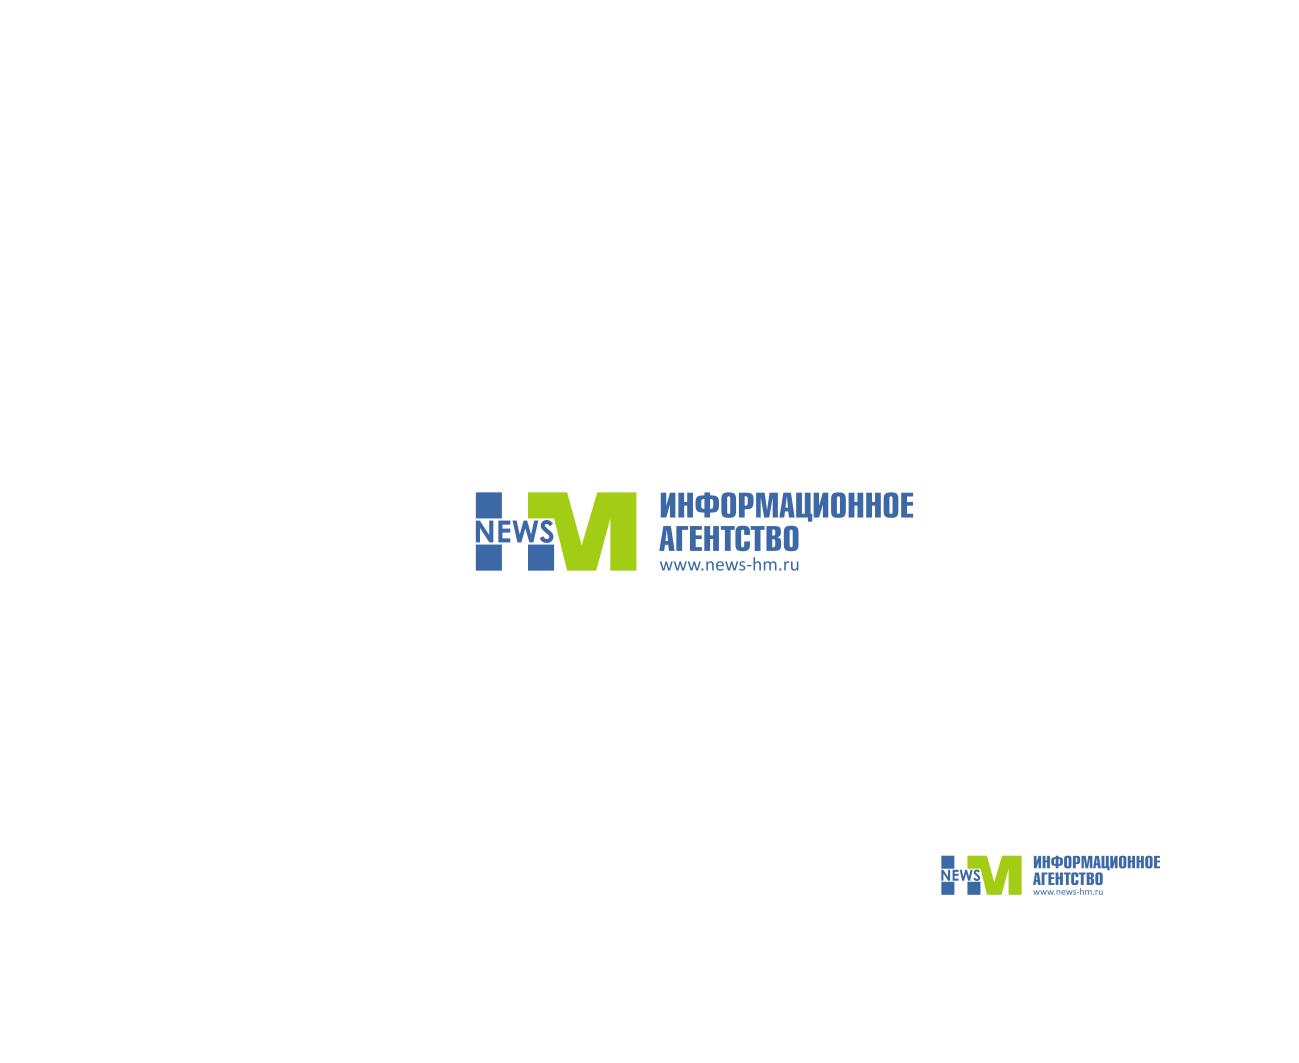 Логотип для информационного агентства фото f_6715aa90dd0399e4.png